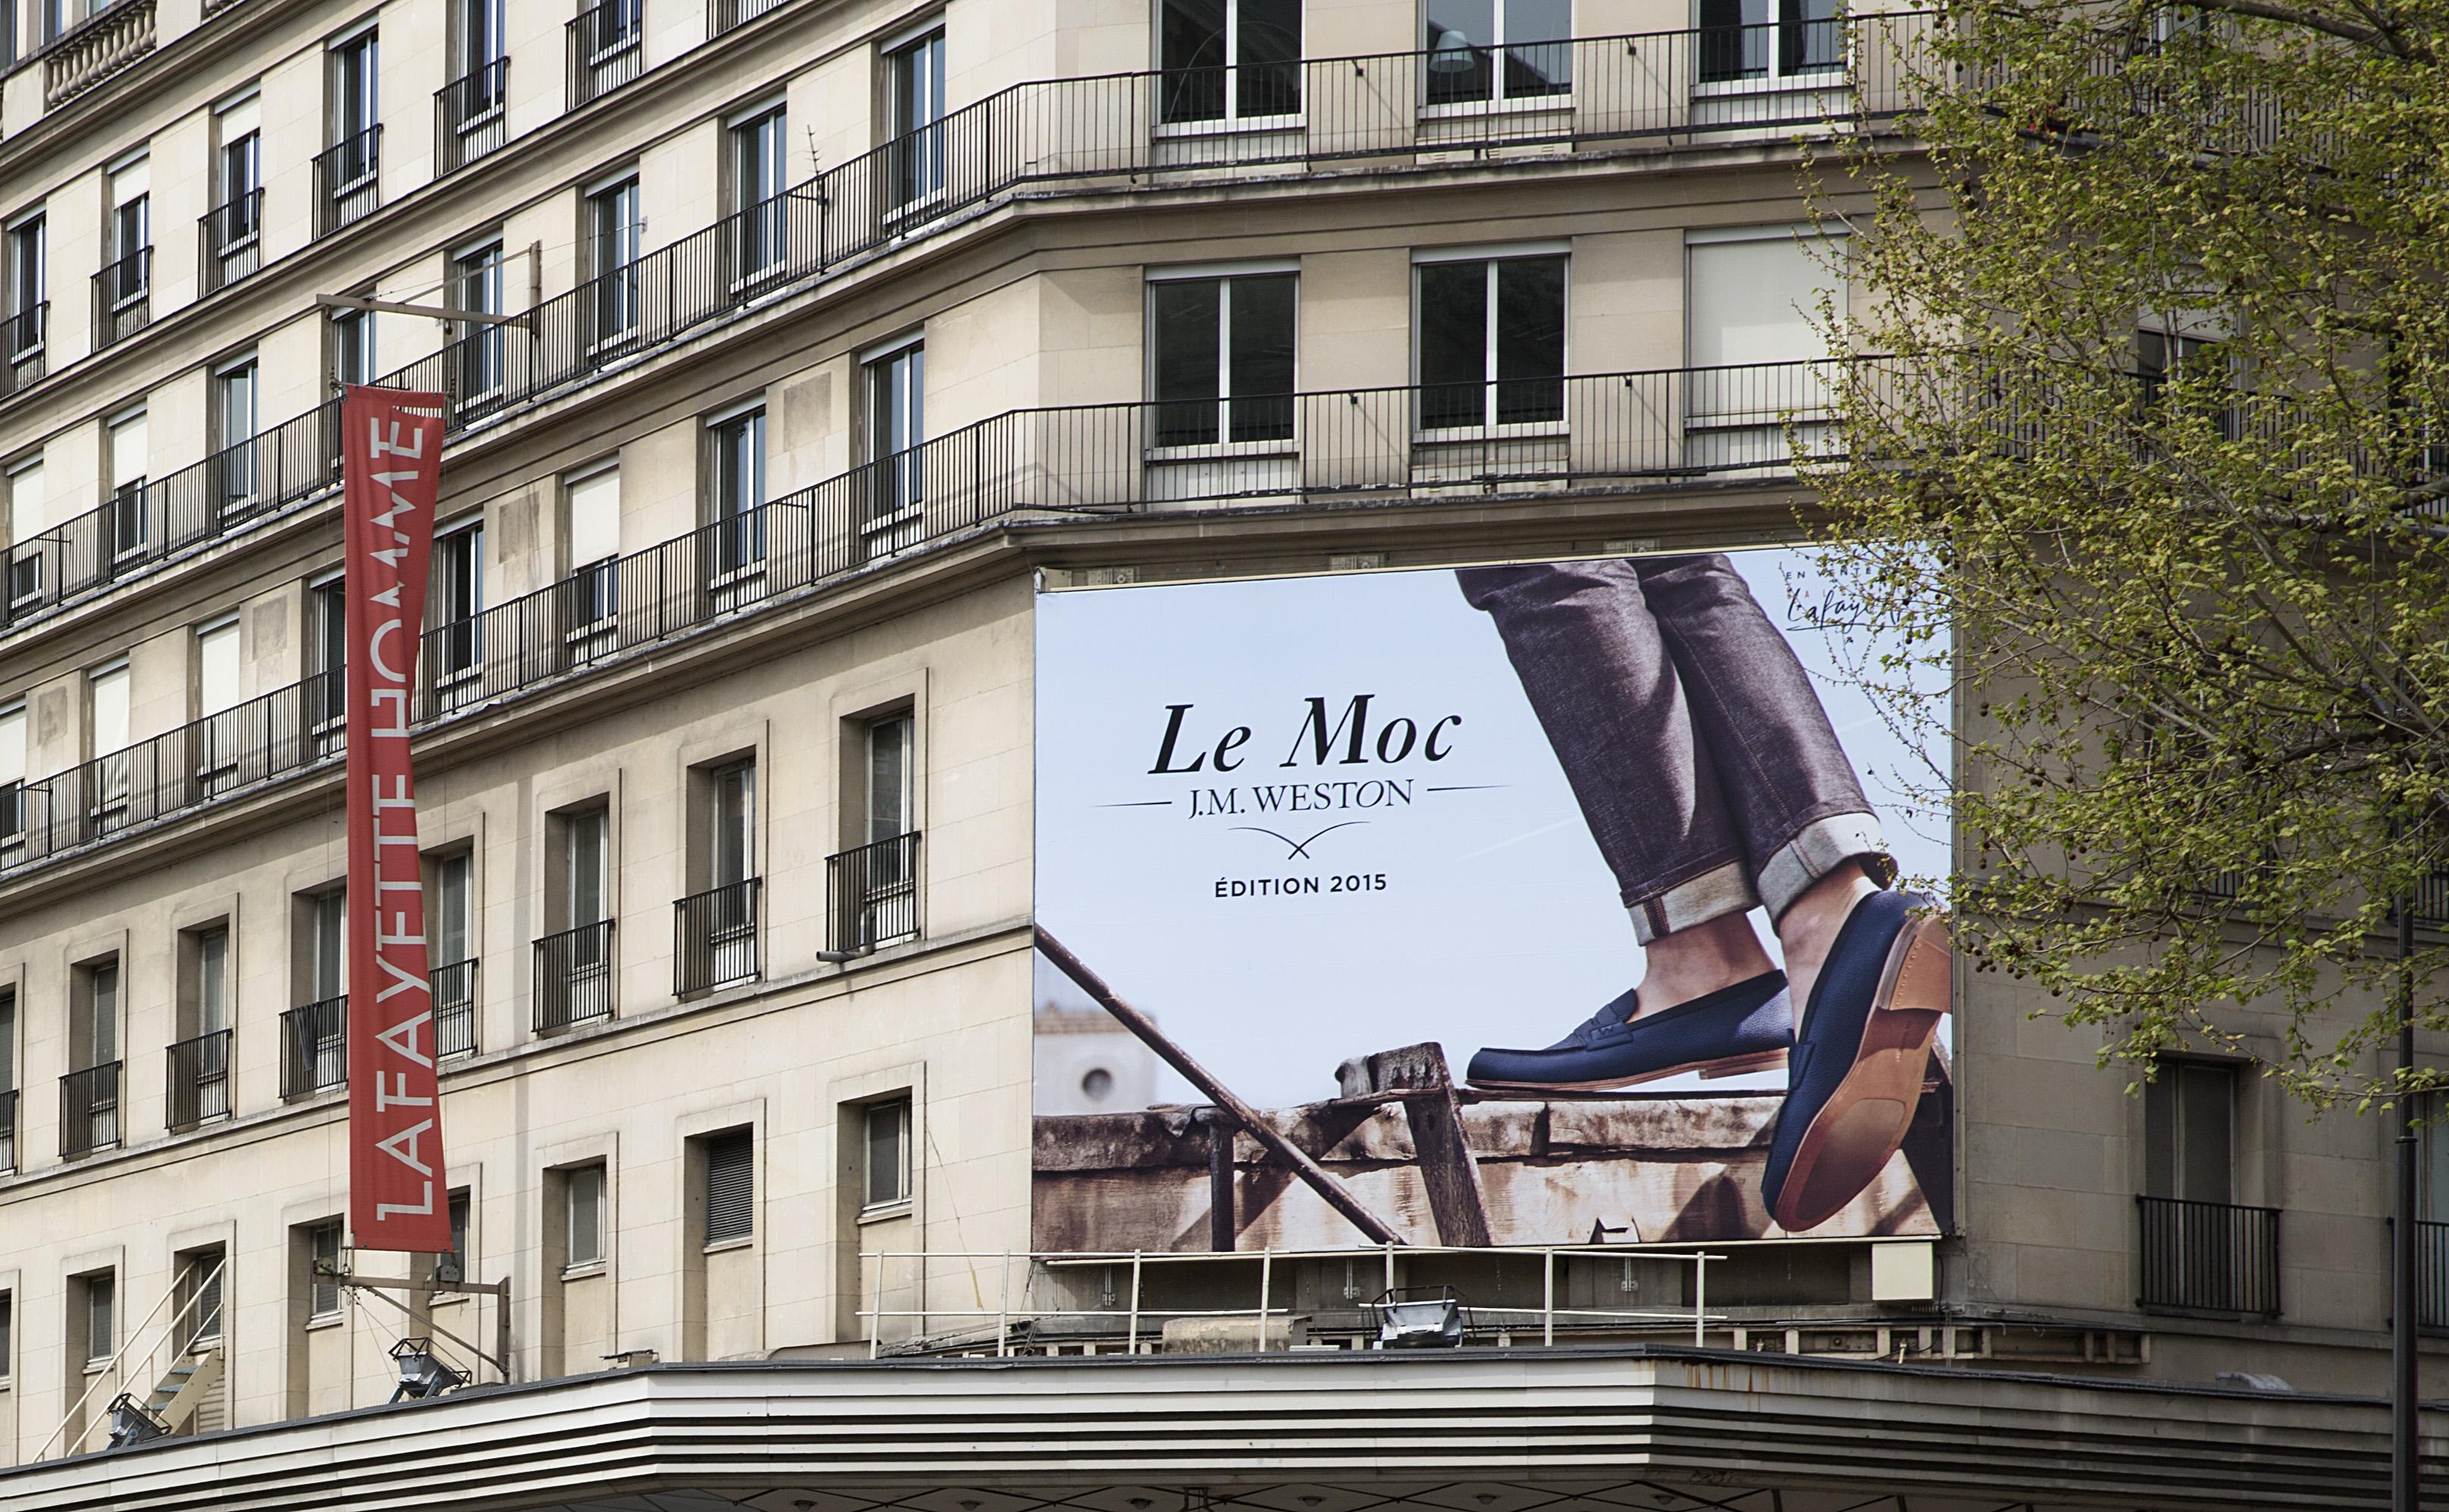 J.M. WESTON Le Moc' 2015. Mocassin Manufacture française Made in France Soulier Luxe Campagne Galeries Lafayette Bache Publicité